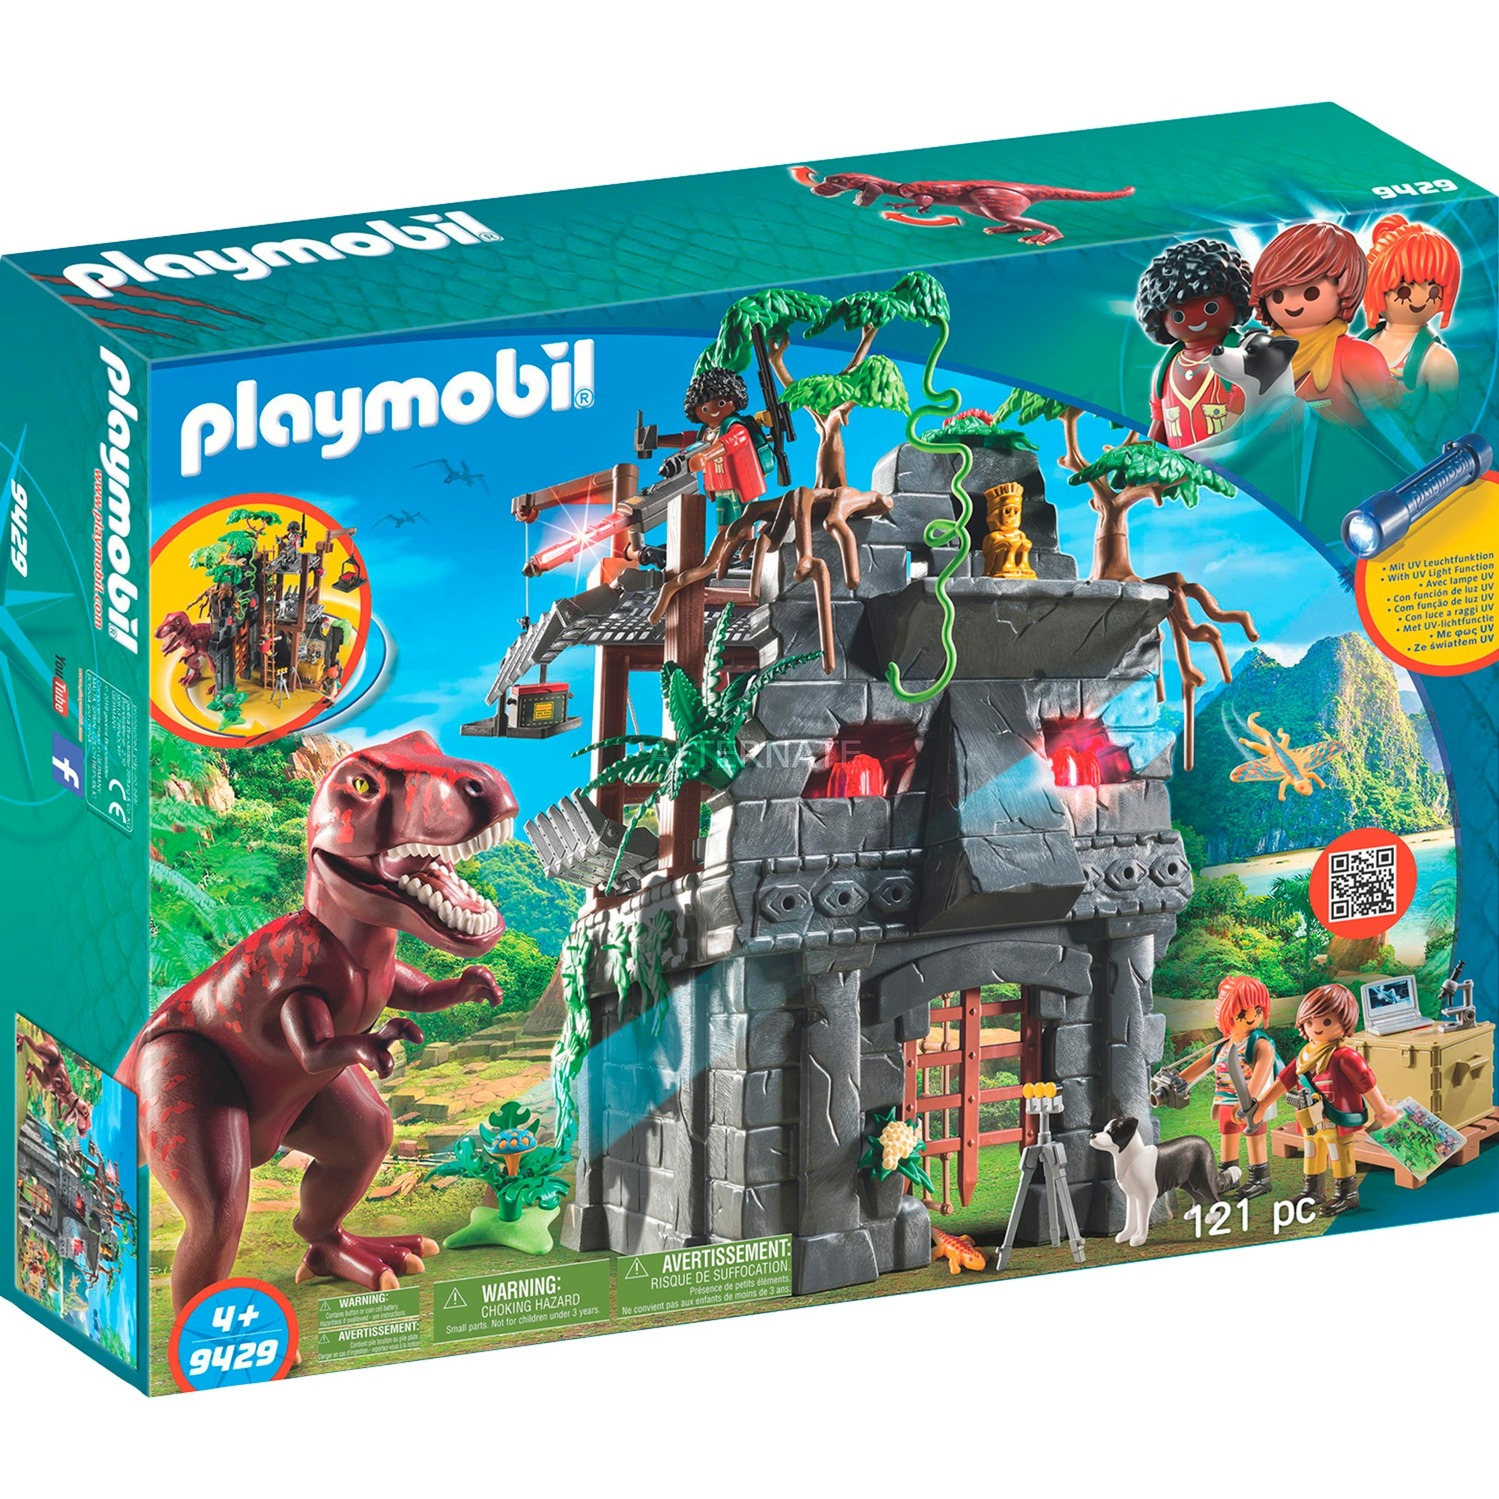 Playmobil - Campamento Base con T-Rex - 9429